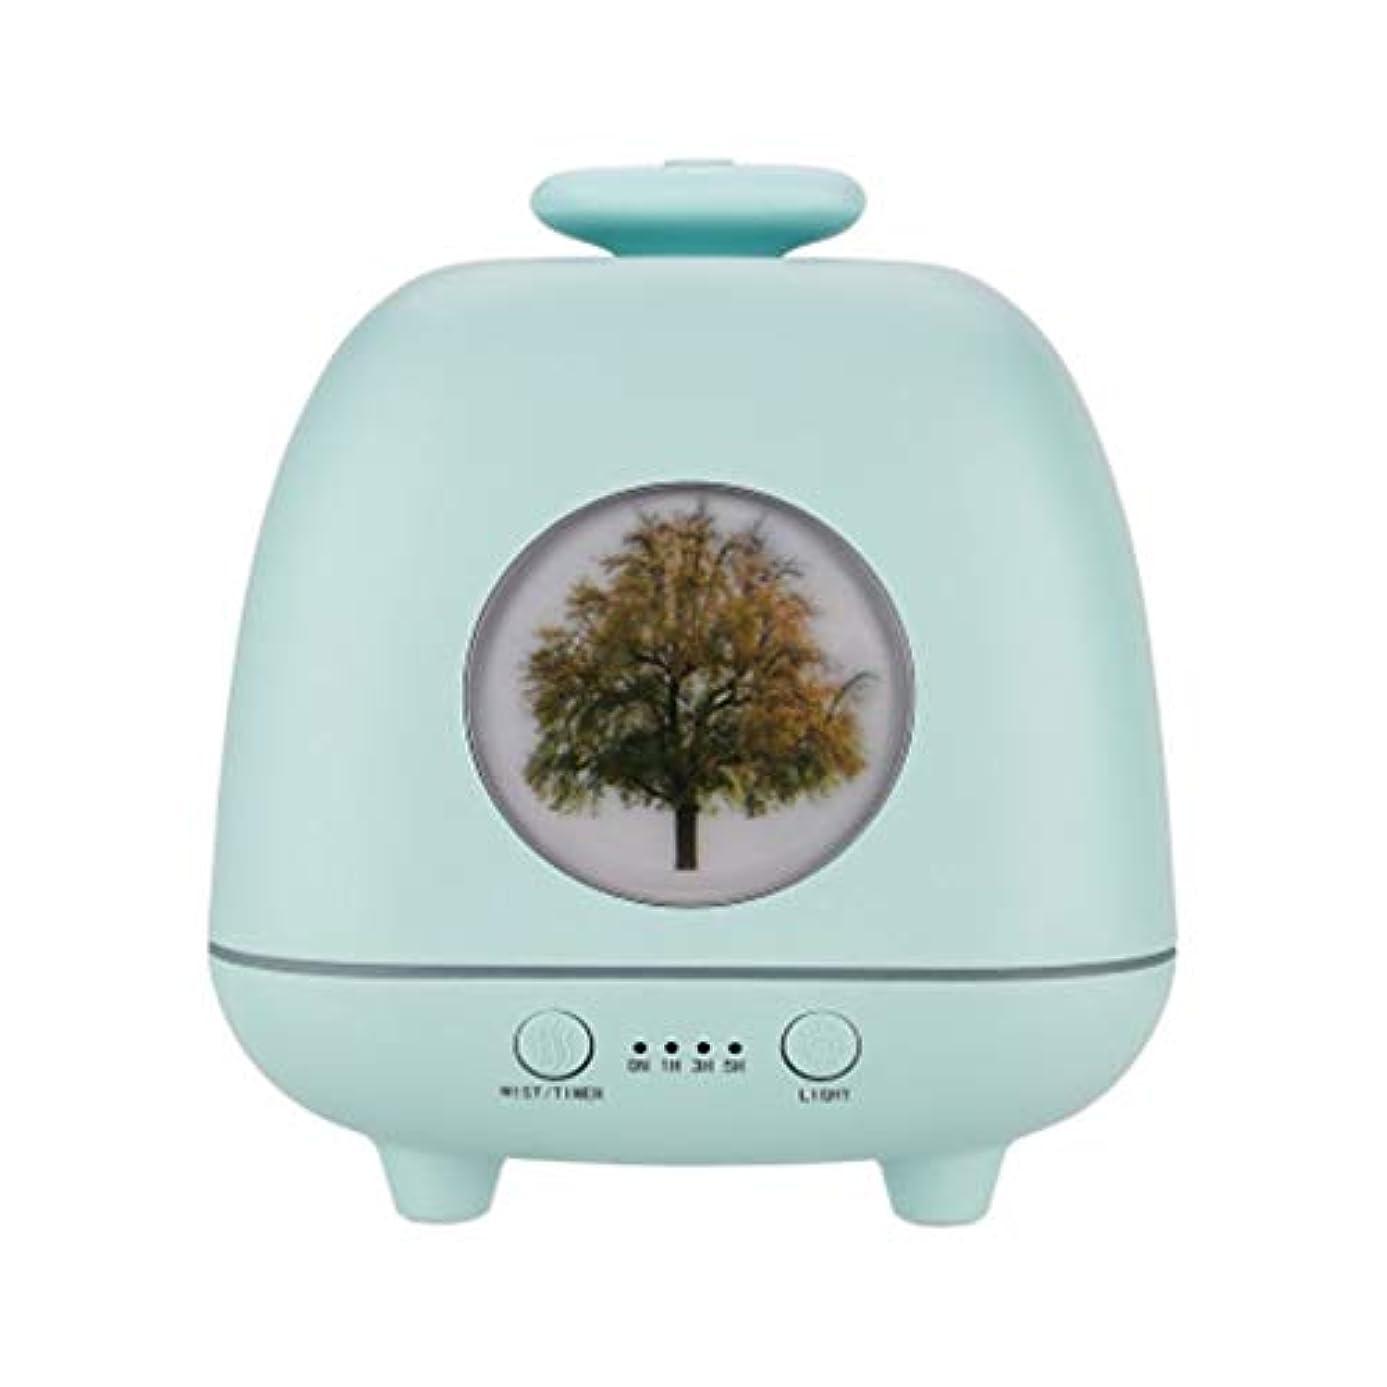 器用効率降ろす超音波ホームデスクトップクリエイティブ雰囲気ナイトライト加湿器寝室の赤ちゃん女性の家の装飾 (Color : Green)